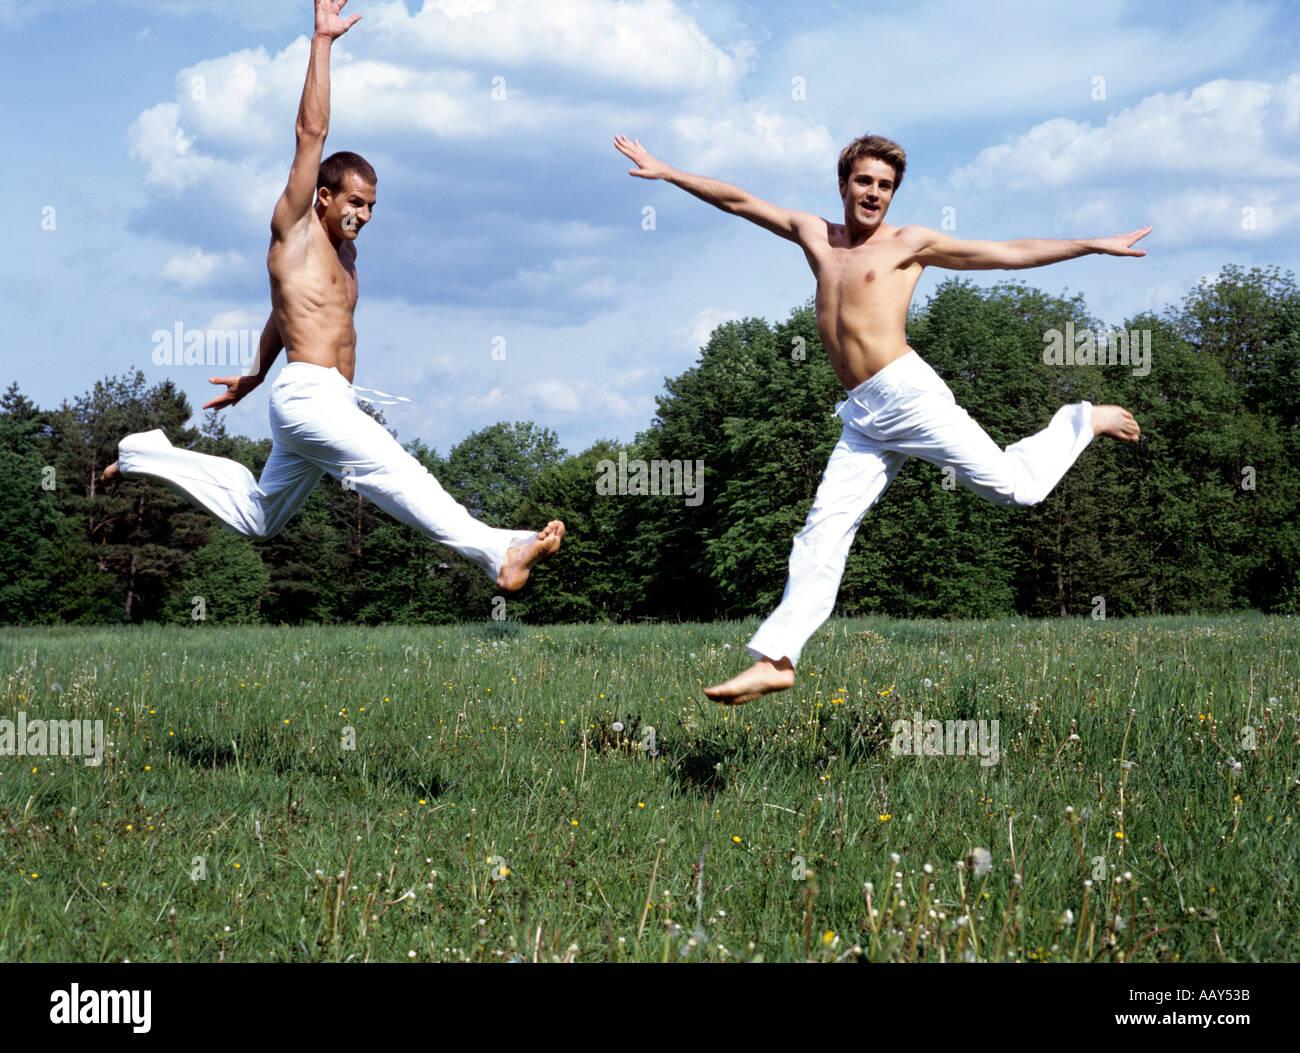 Gay men exercising